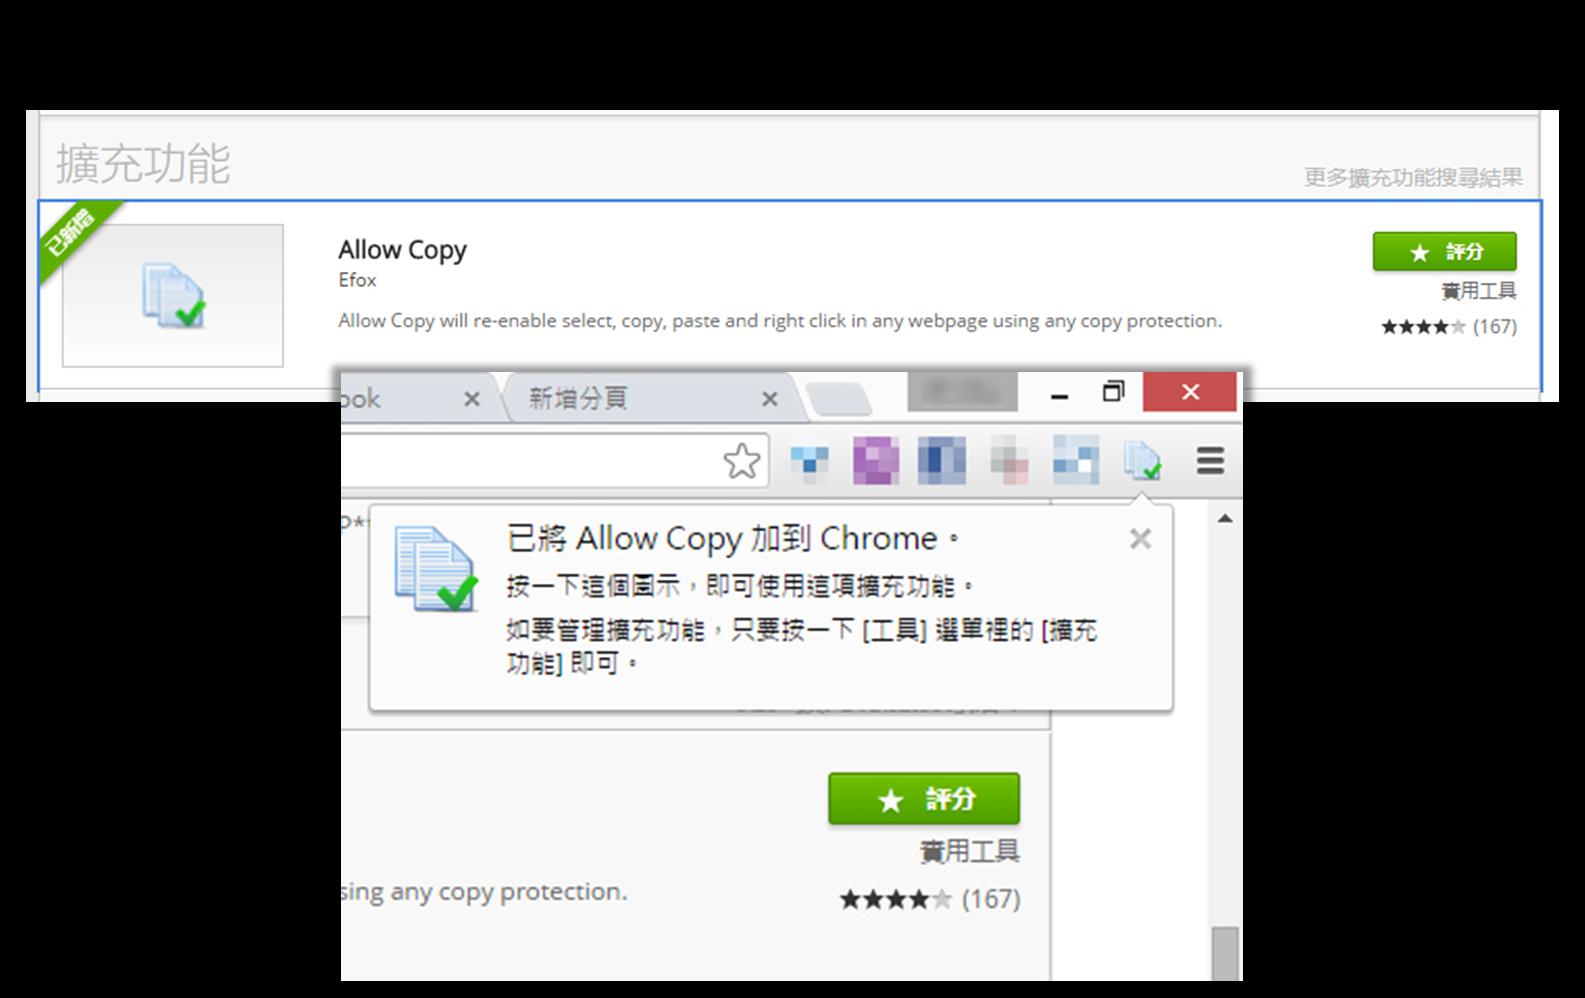 張木村英文: Chrome 解除「鎖右鍵」及「禁止左鍵選取」| Allow Copy